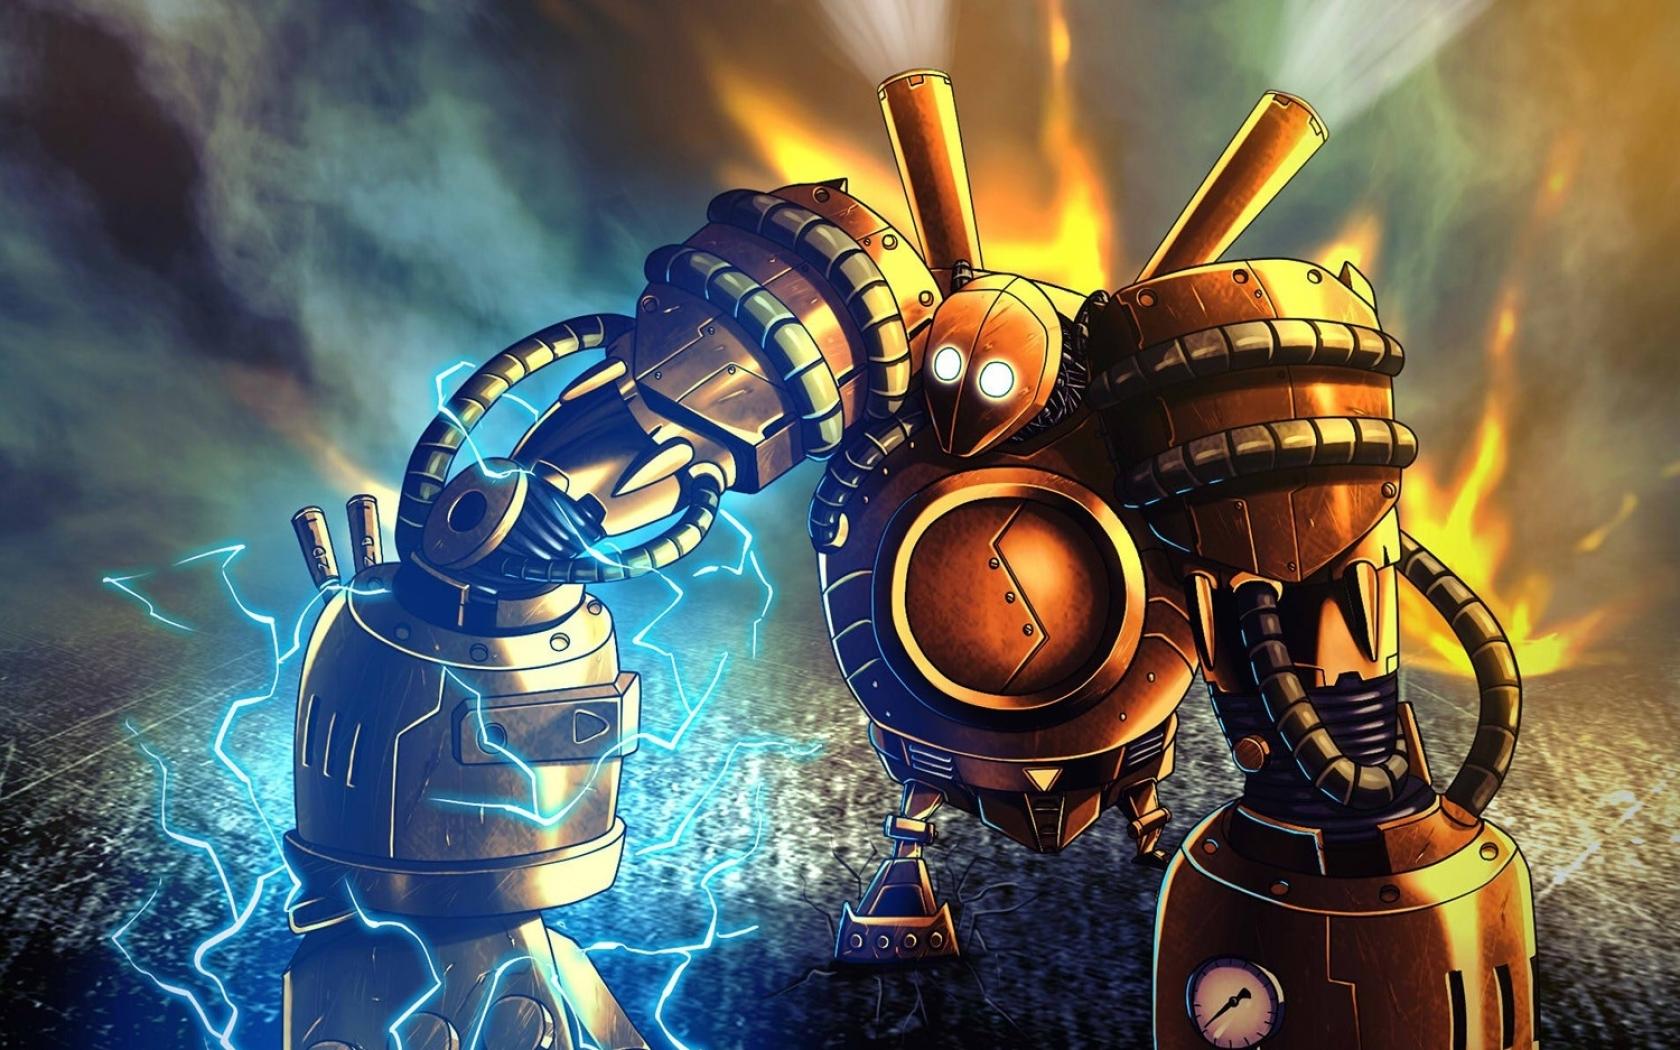 Blitzcrank League Of Legends Hd Wallpaper: League Of Legends Wallpaper And Hintergrund